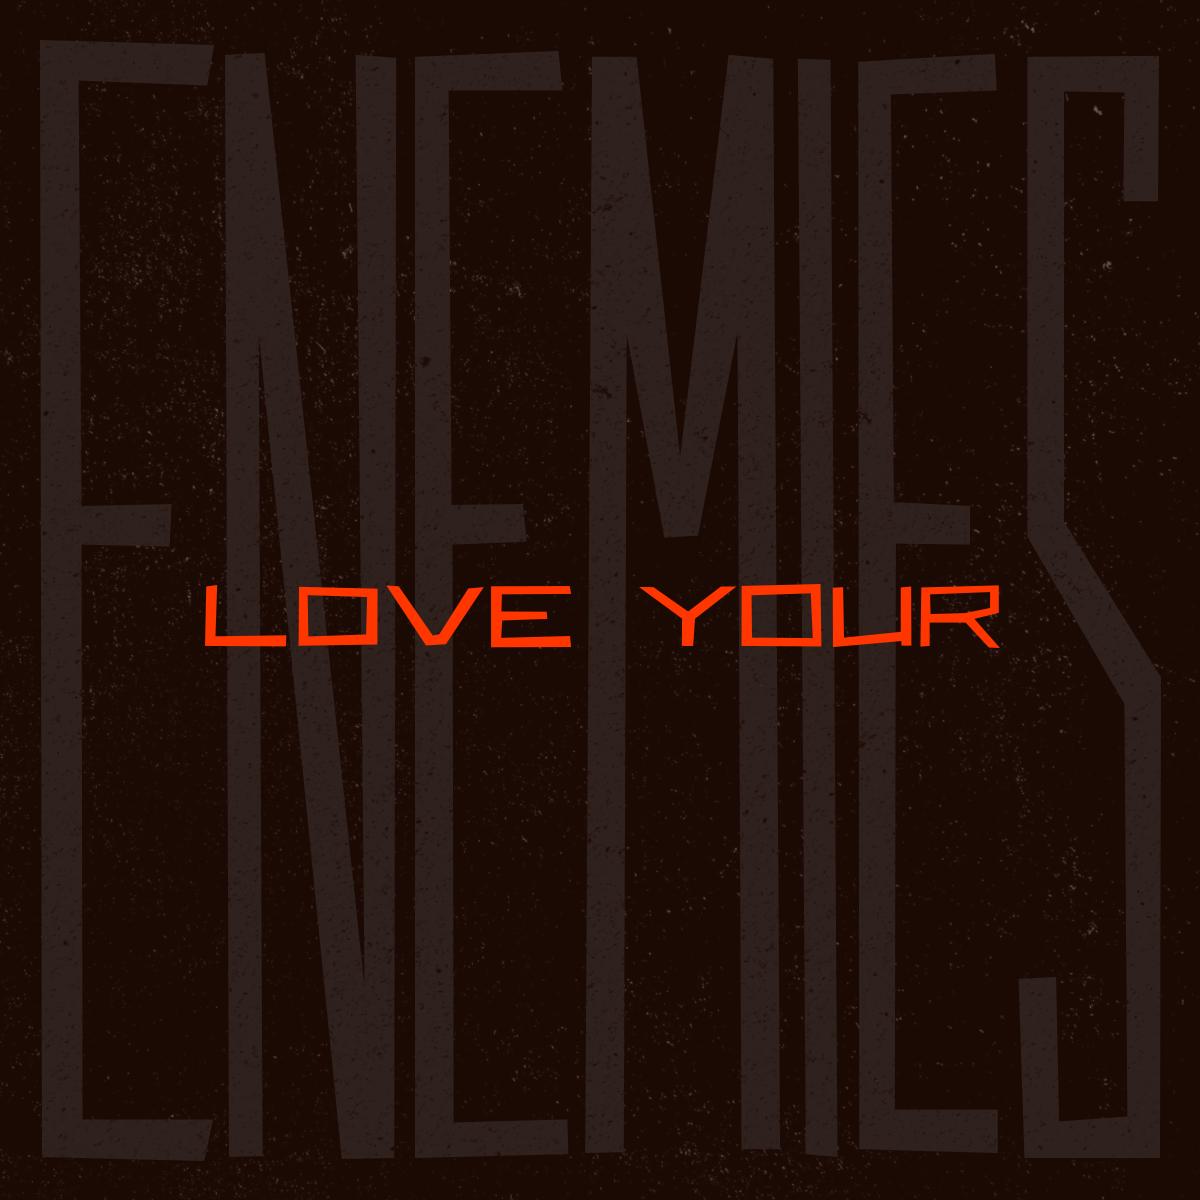 FL-Keyboard_Jim-LePage_Love-your-enemies.png